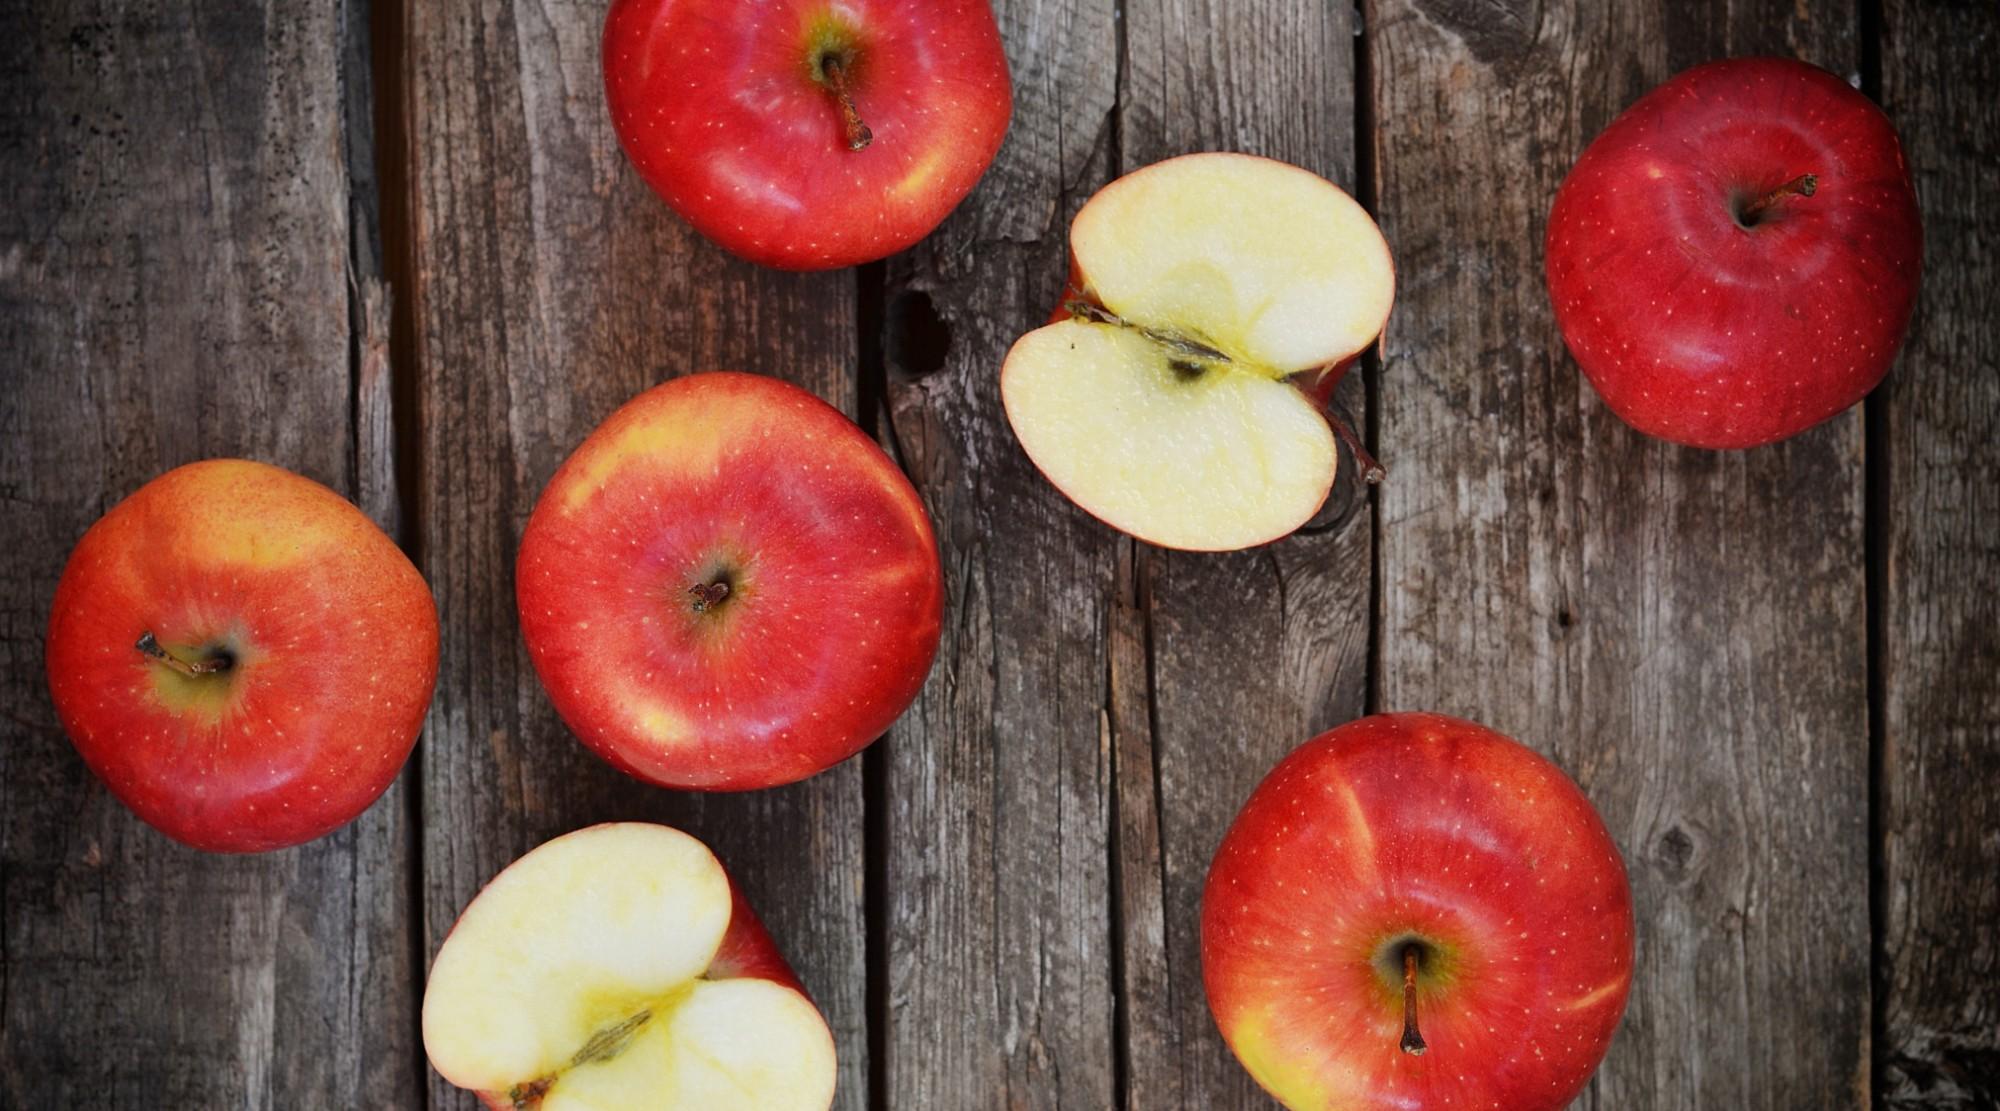 Una mela al giorno toglie medico e carie di torno: questo frutto è un sicuro alleato del sorriso!